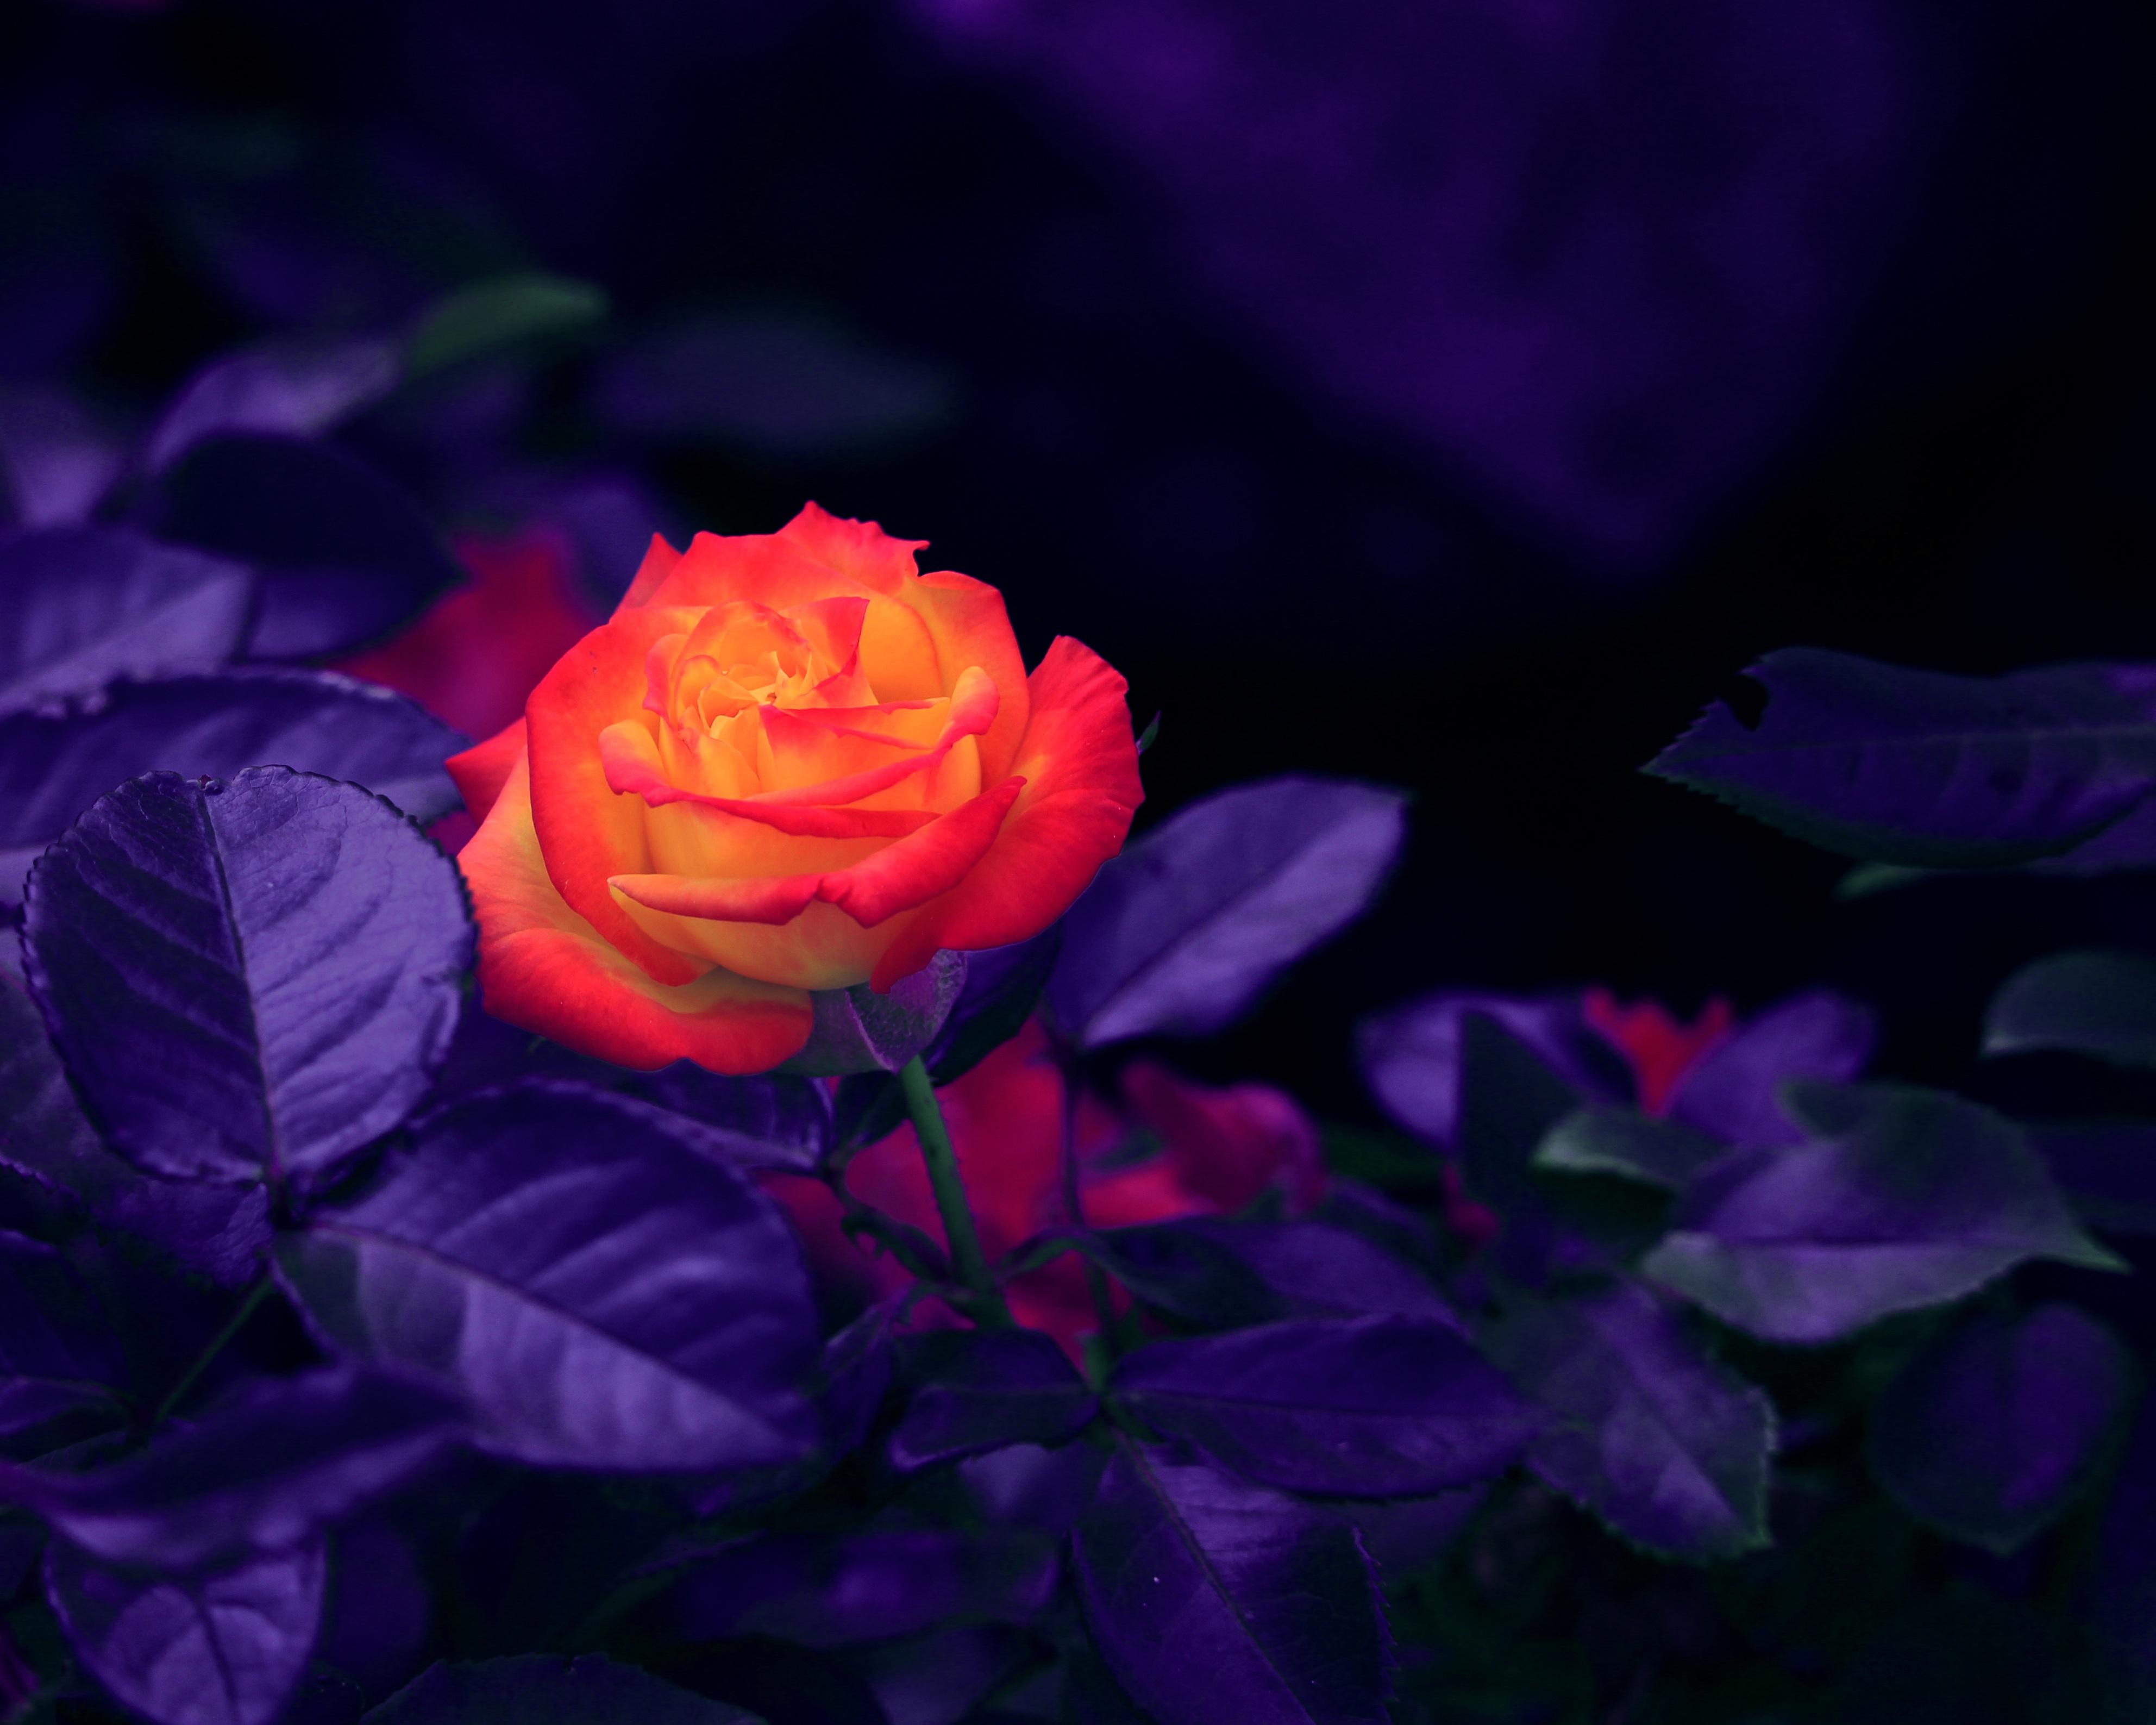 146553 Hintergrundbild herunterladen Blumen, Rose, Knospe, Bud, Lila - Bildschirmschoner und Bilder kostenlos